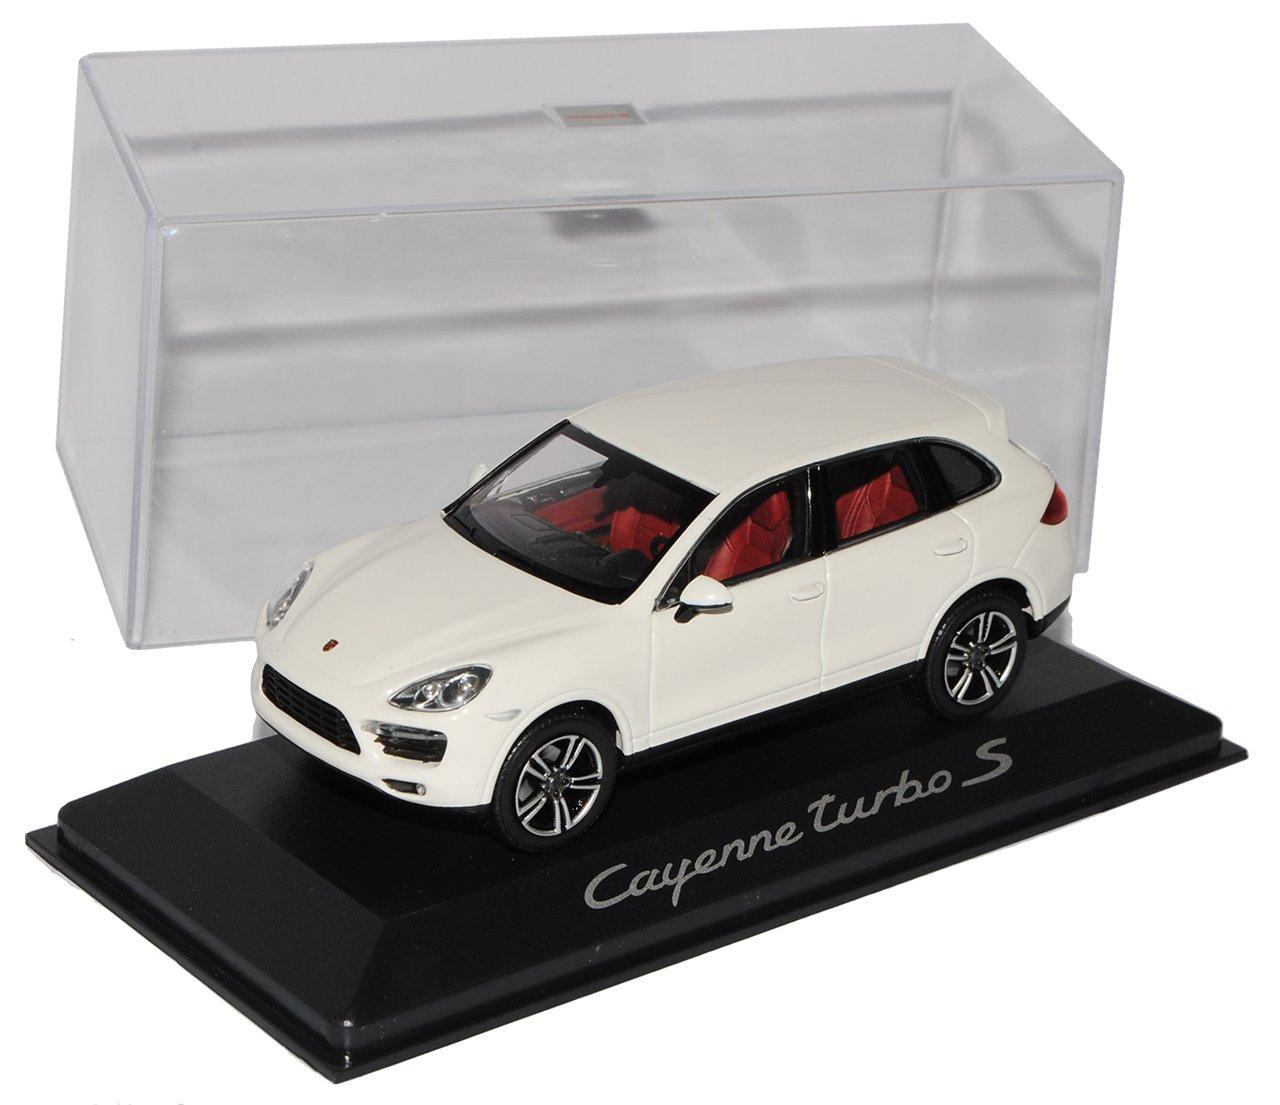 Minichamps Porsche Cayenne Turbo S Weiss Ab 2010 2. Generation 1/43 Modell Auto mit individiuellem Wunschkennzeichen